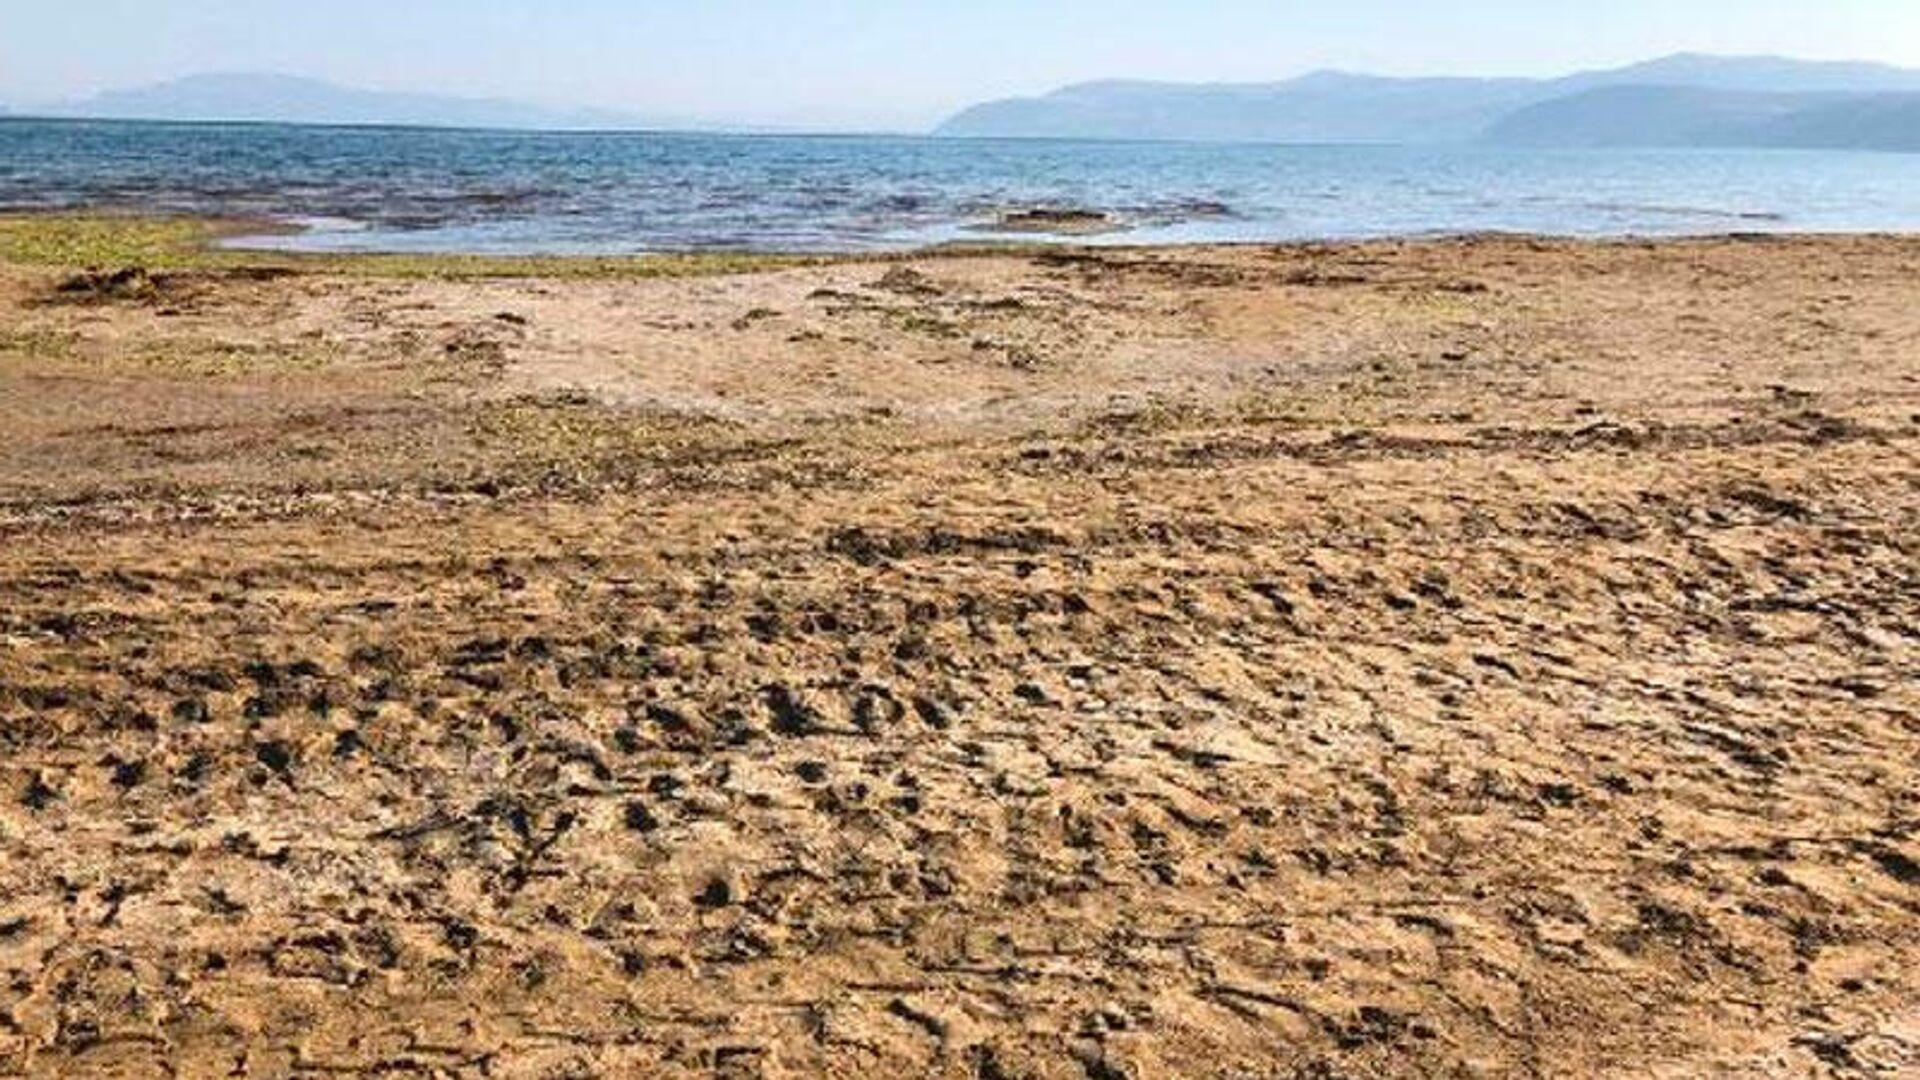 Isparta'da çok şiddetli kuruma tehlikesiyle karşı karşıya olan Eğirdir Gölü'ndeki çekilmeler, 50 metreyi aştı ve iskeleler havada kaldı. - Sputnik Türkiye, 1920, 23.08.2021